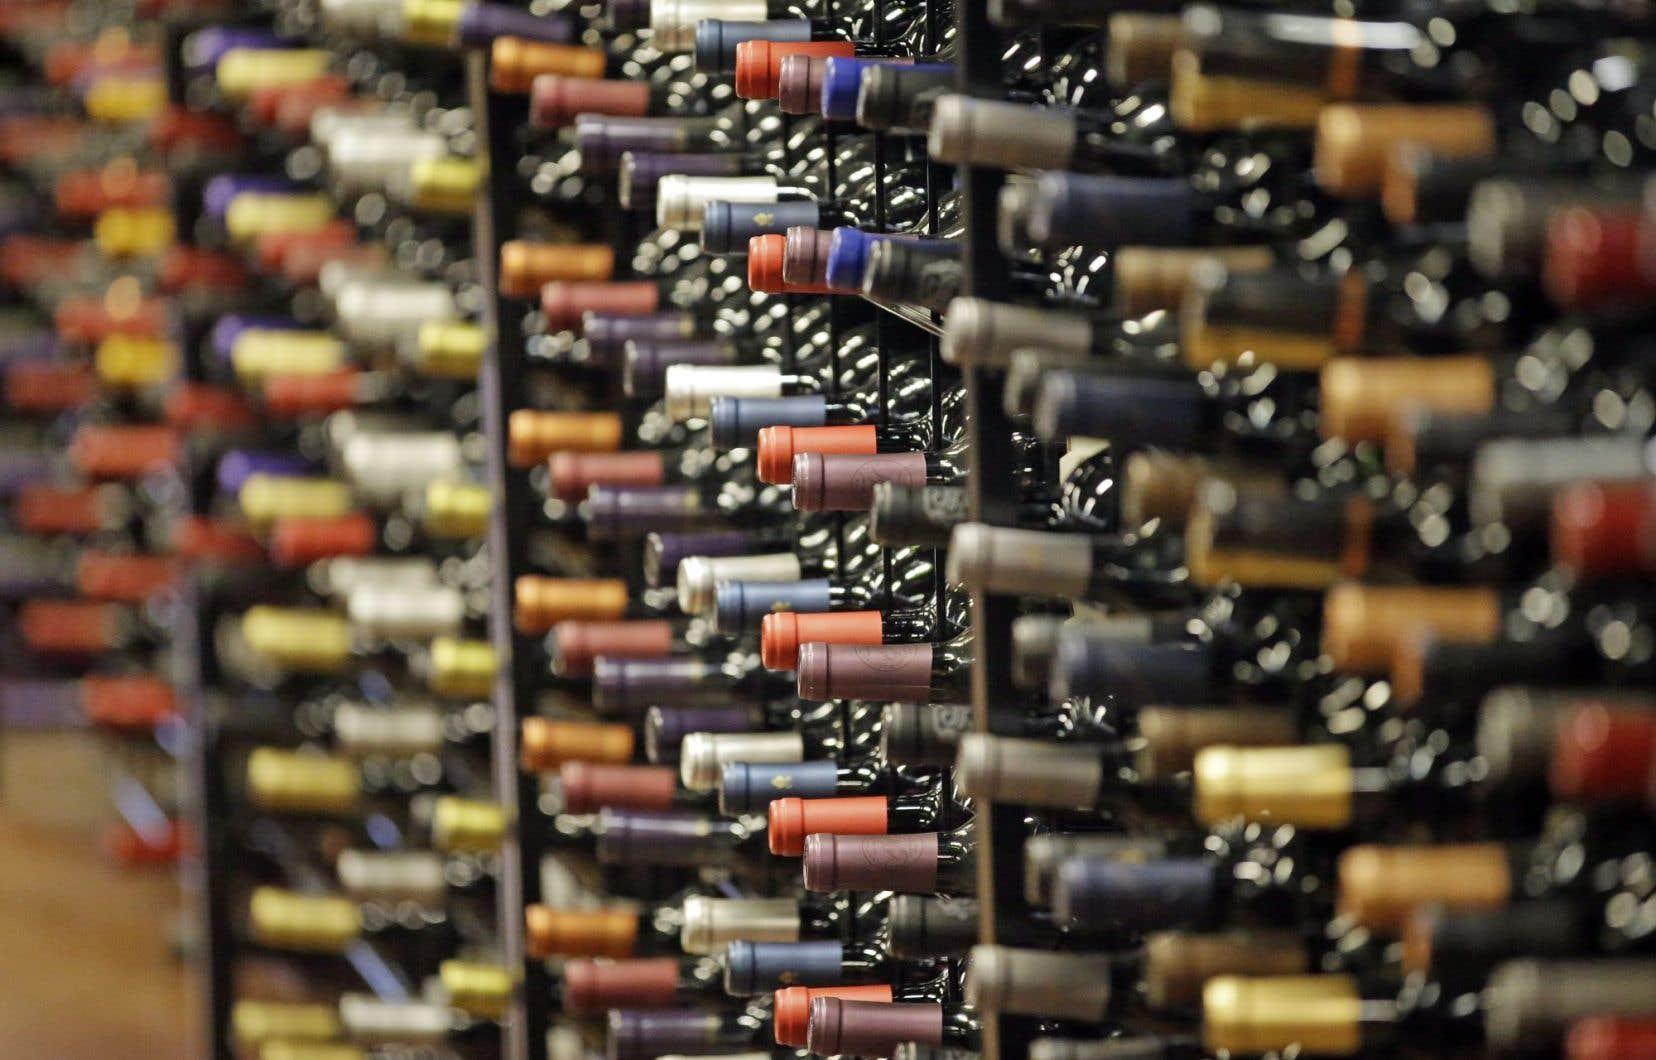 Les bouteilles, allant jusqu'au millésime 2009, sont issues des caves de la Maison Bouchard père et fils à Beaune.